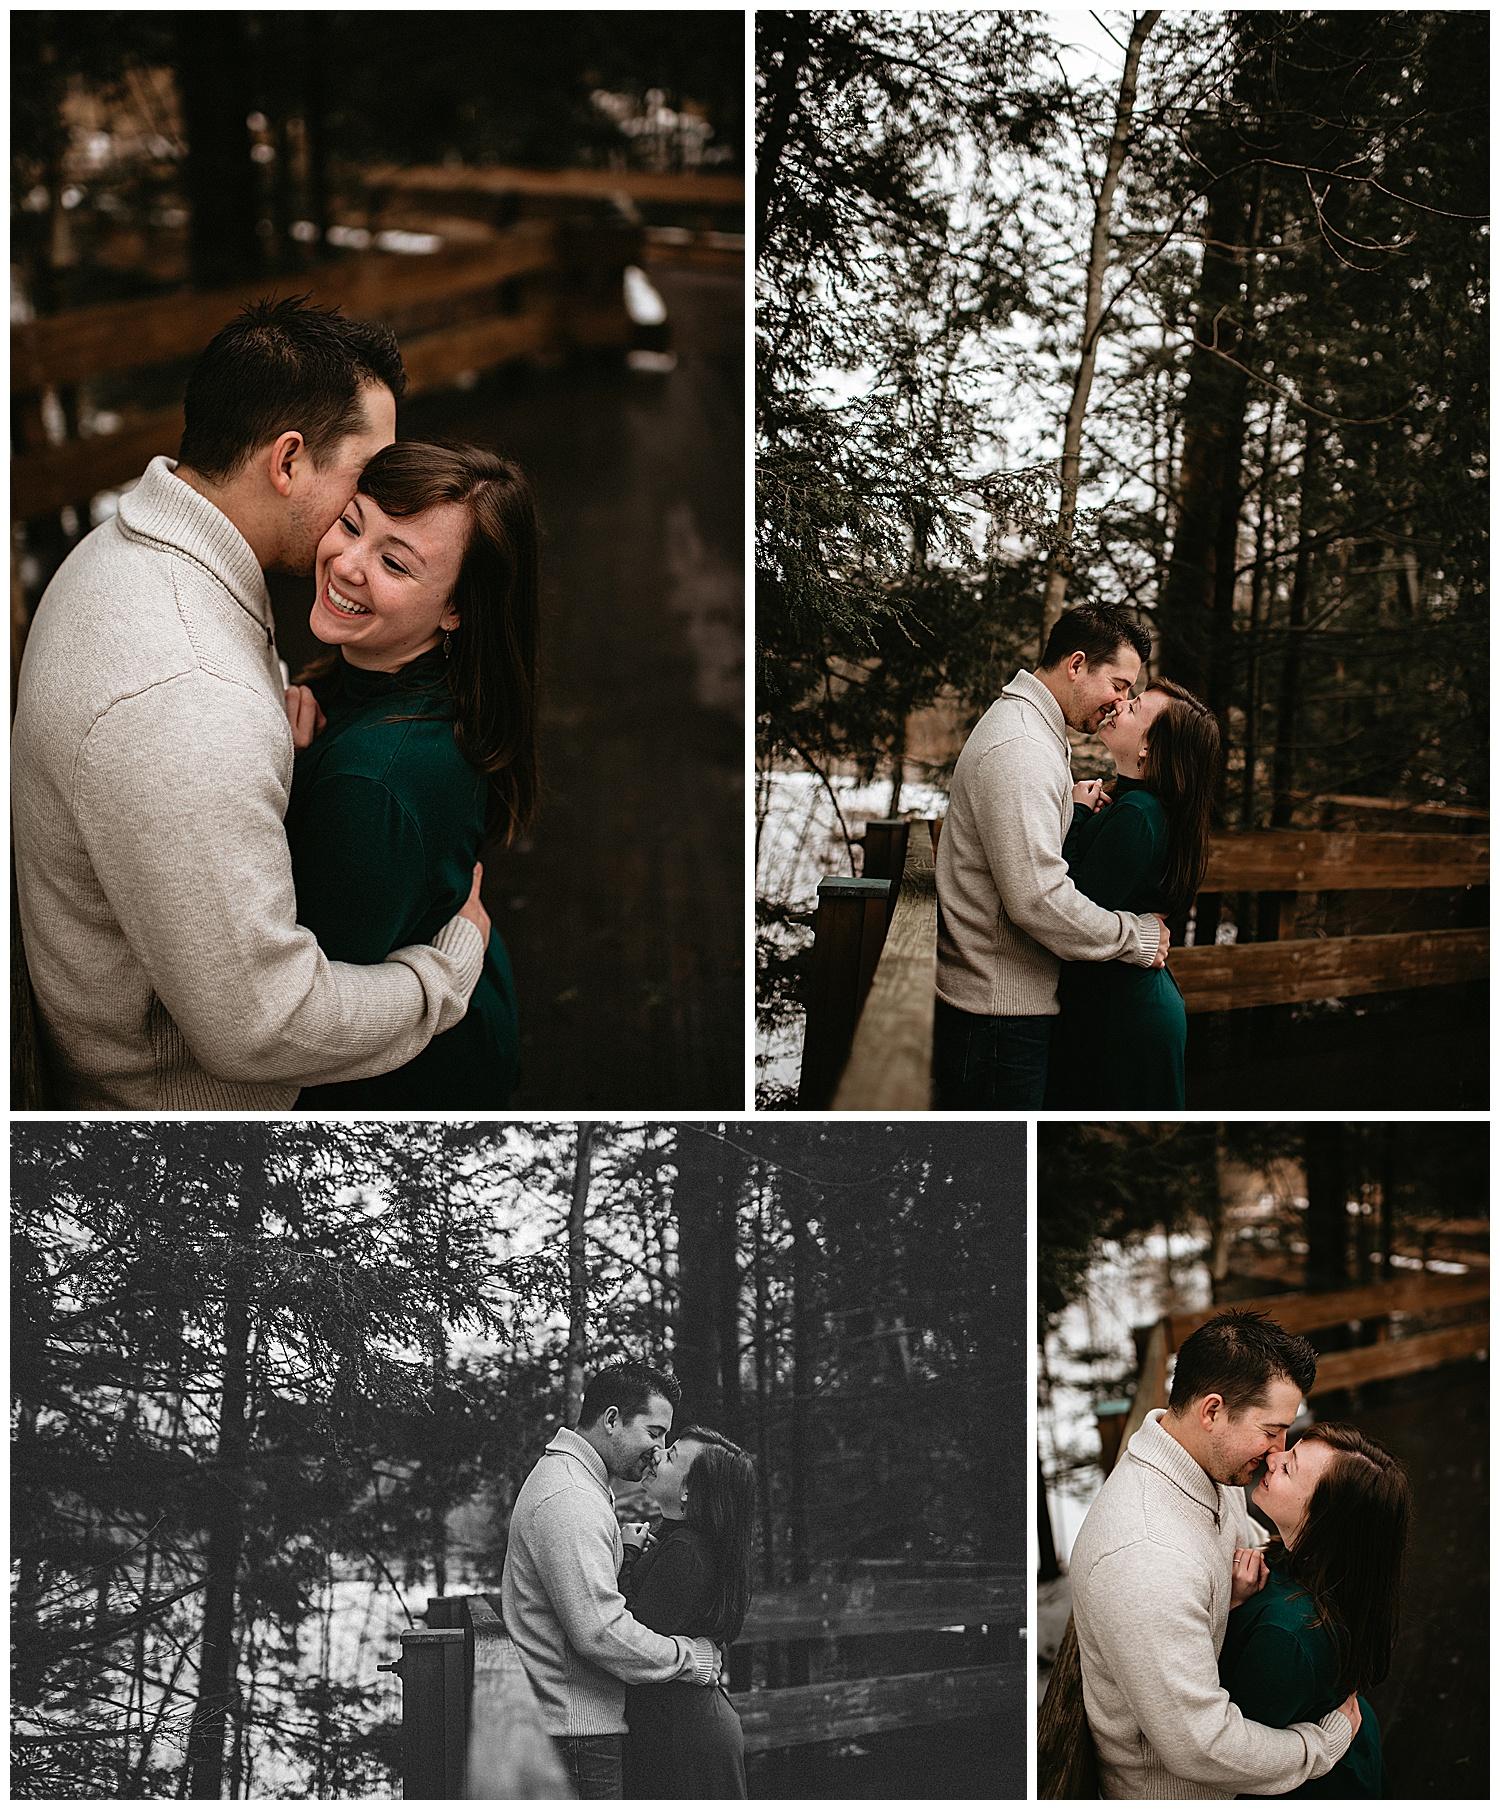 NEPA-wedding-photographer-in-Eastern-PA-in-Scranton-PA_0008.jpg